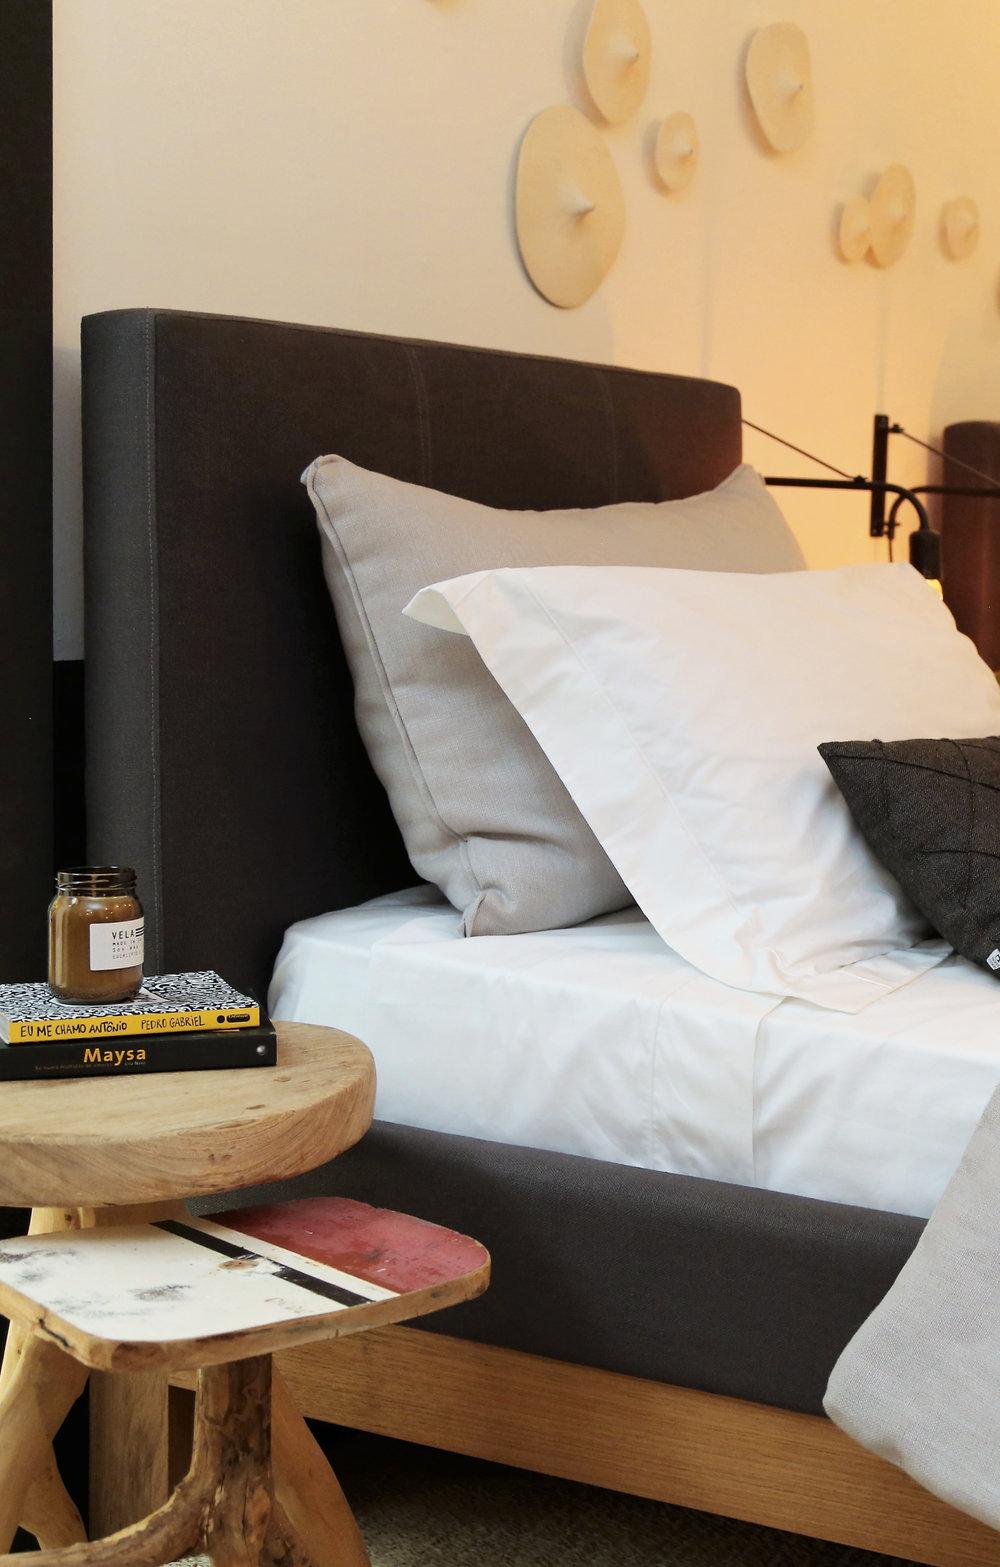 cama austria CASAPRONTA (11).jpg